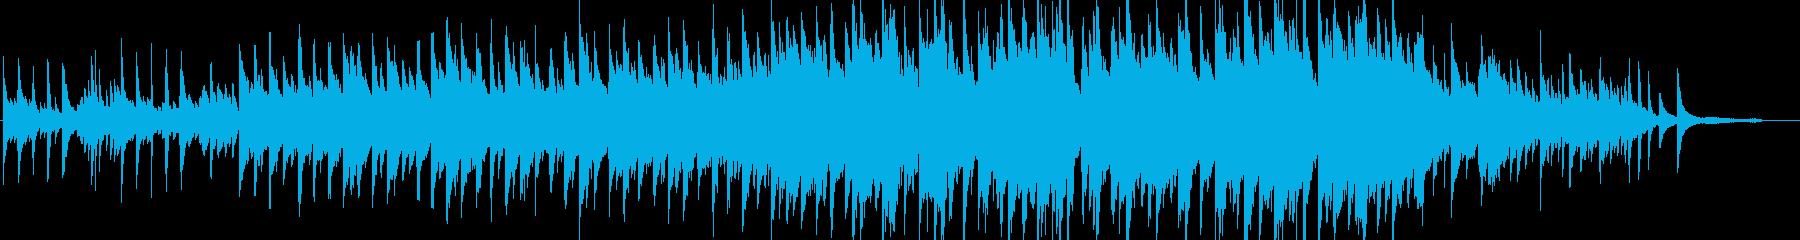 感動的・ピアノソロ・イベント・映像の再生済みの波形